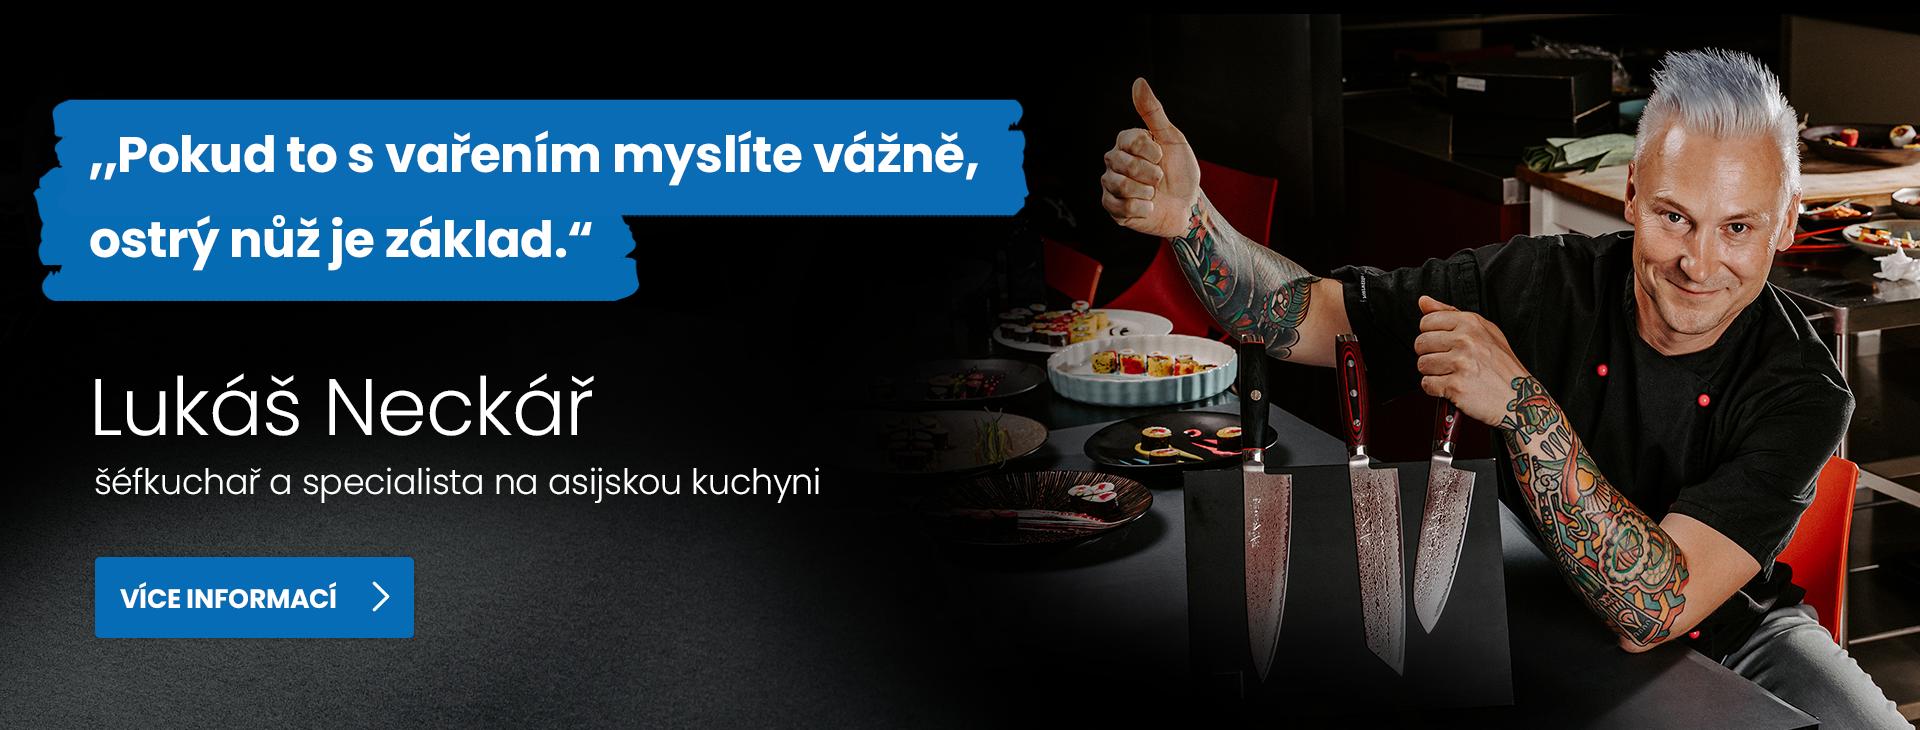 Vařte jako profík s šéfkuchařem Lukášem Neckářem